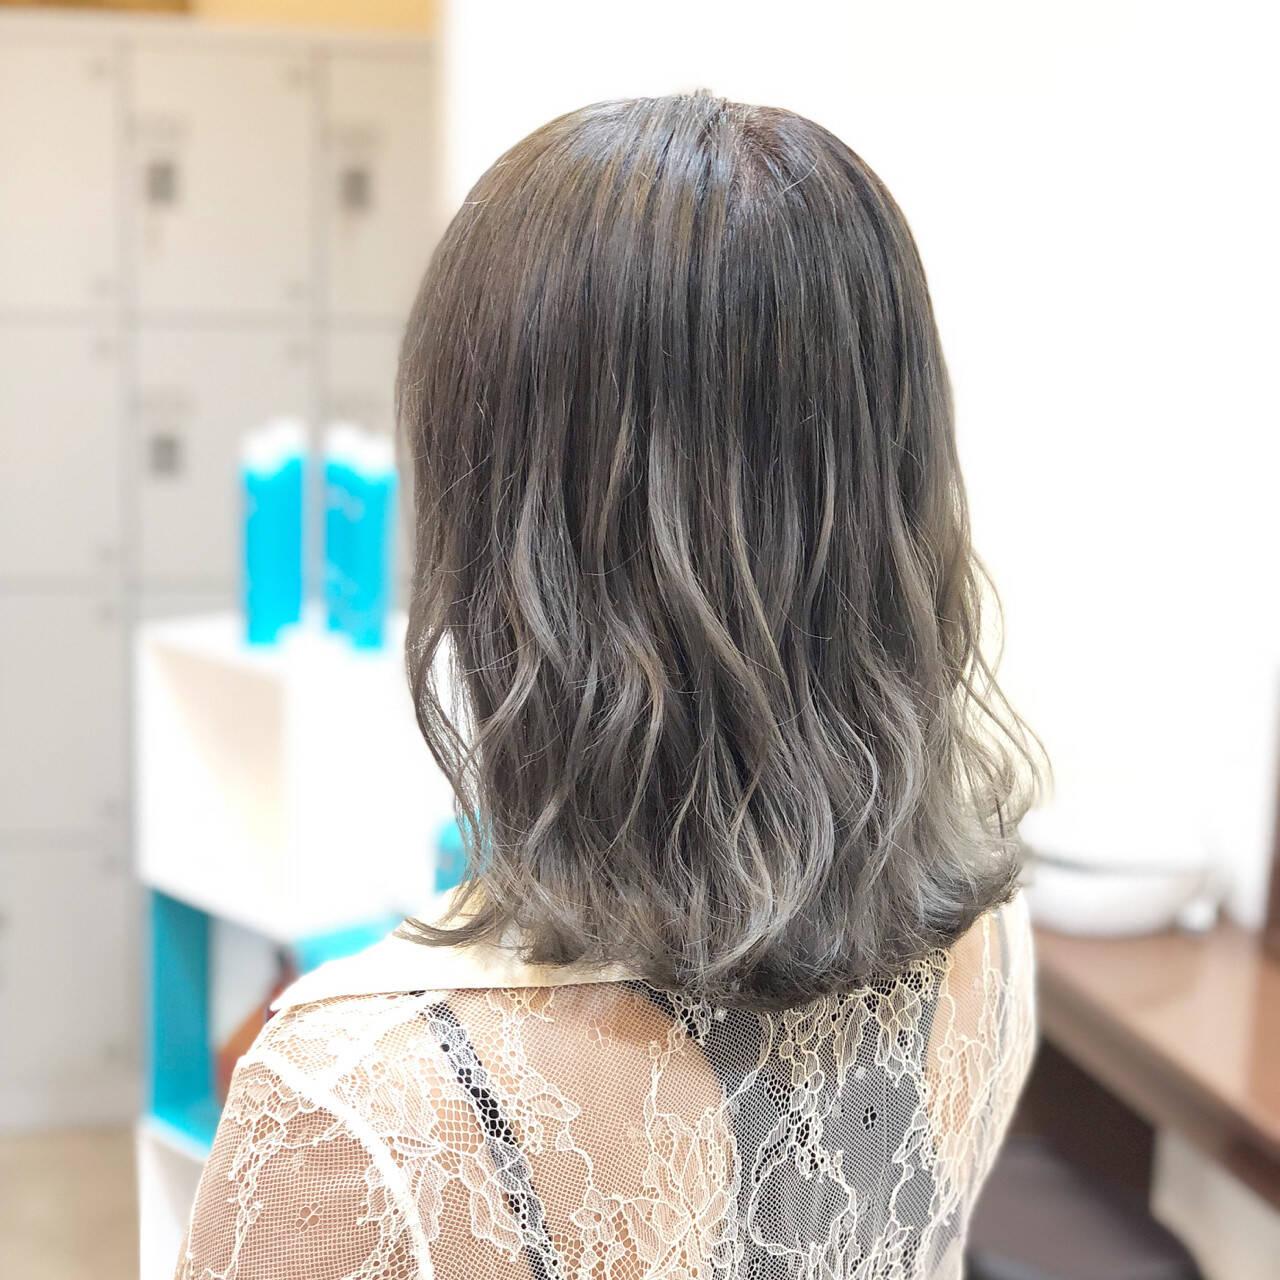 外国人風カラー 外国人風 ミディアム グレージュヘアスタイルや髪型の写真・画像